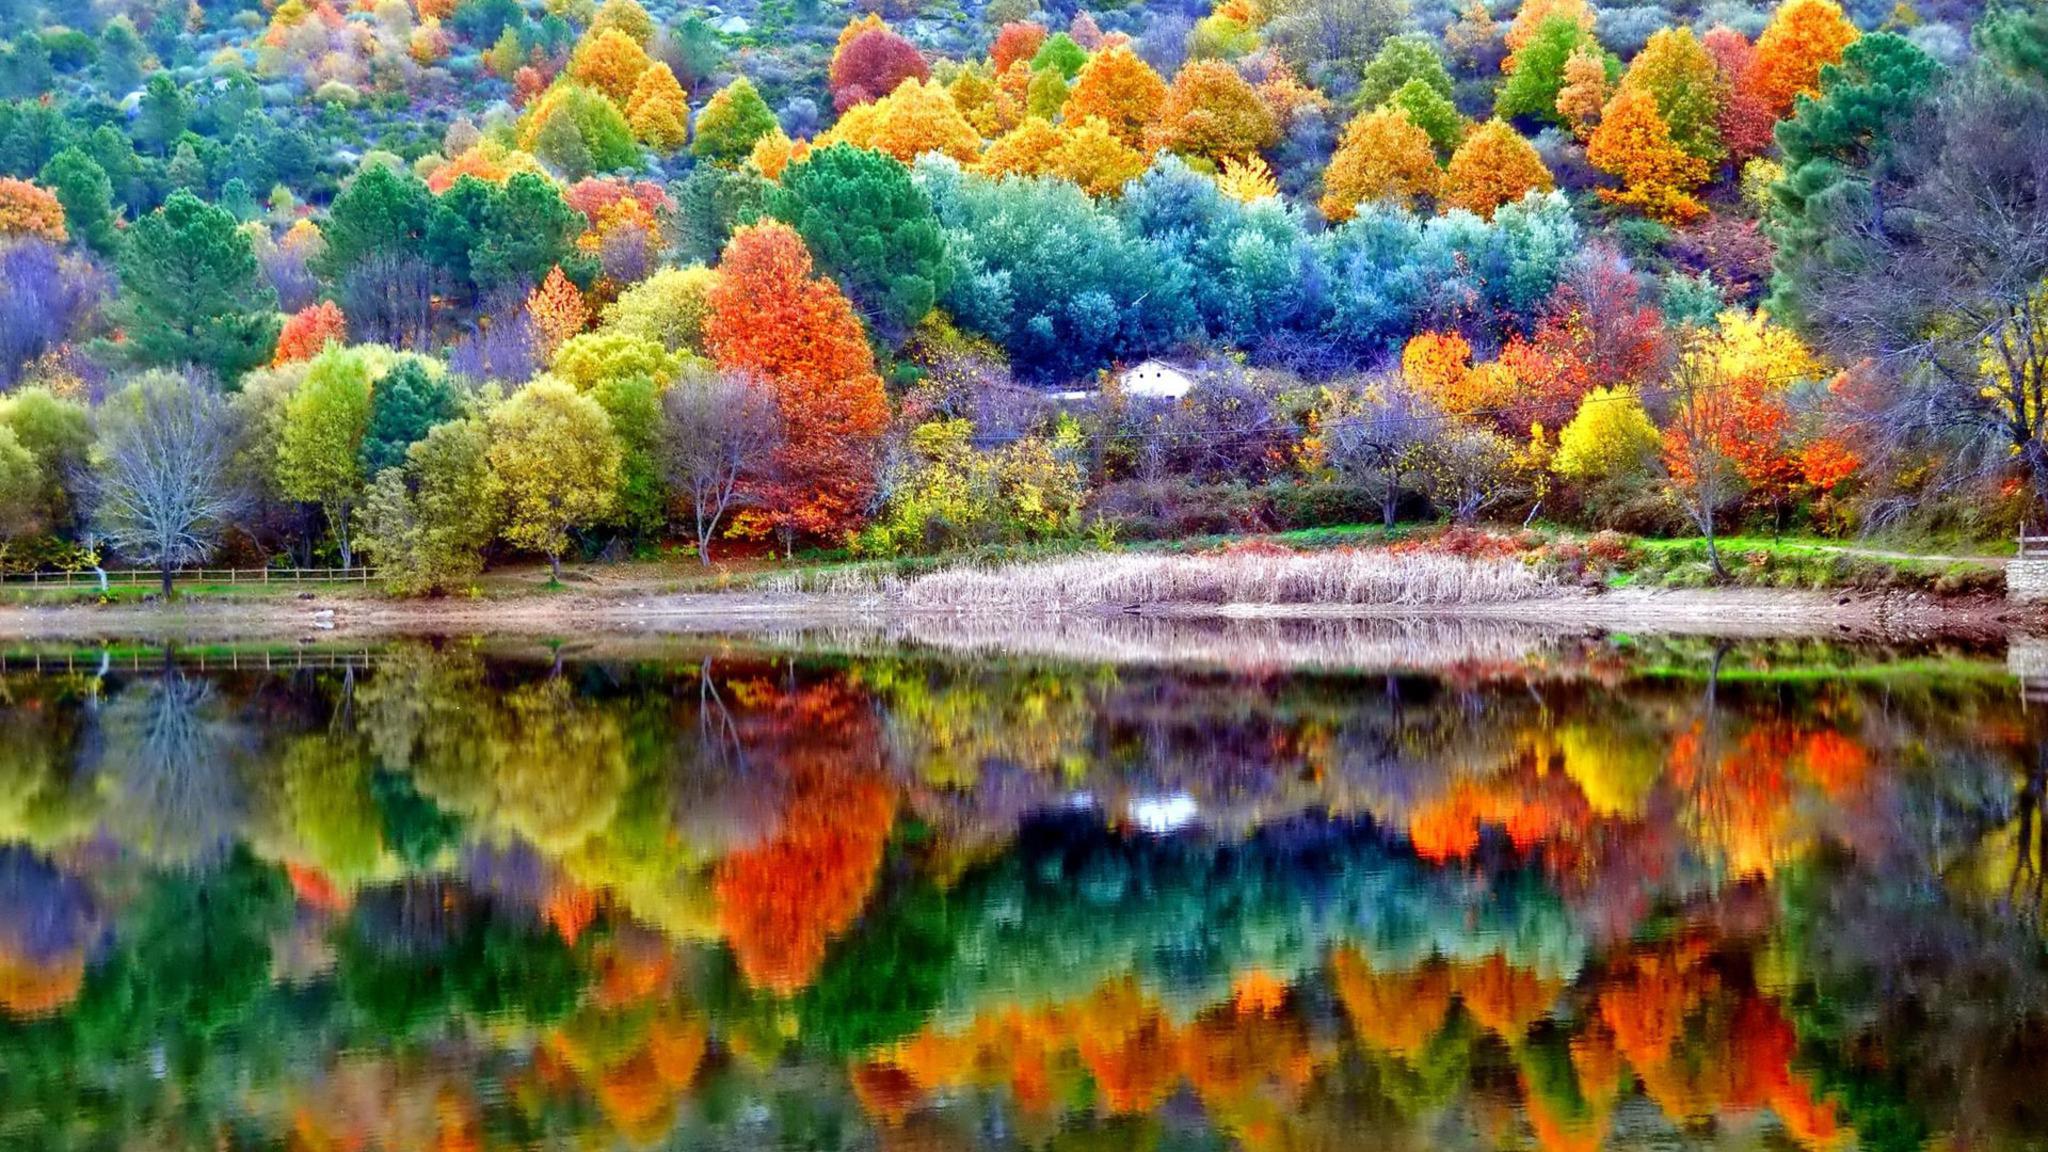 2048x1152 Autumn Scenery 2048x1152 Resolution HD 4k ...